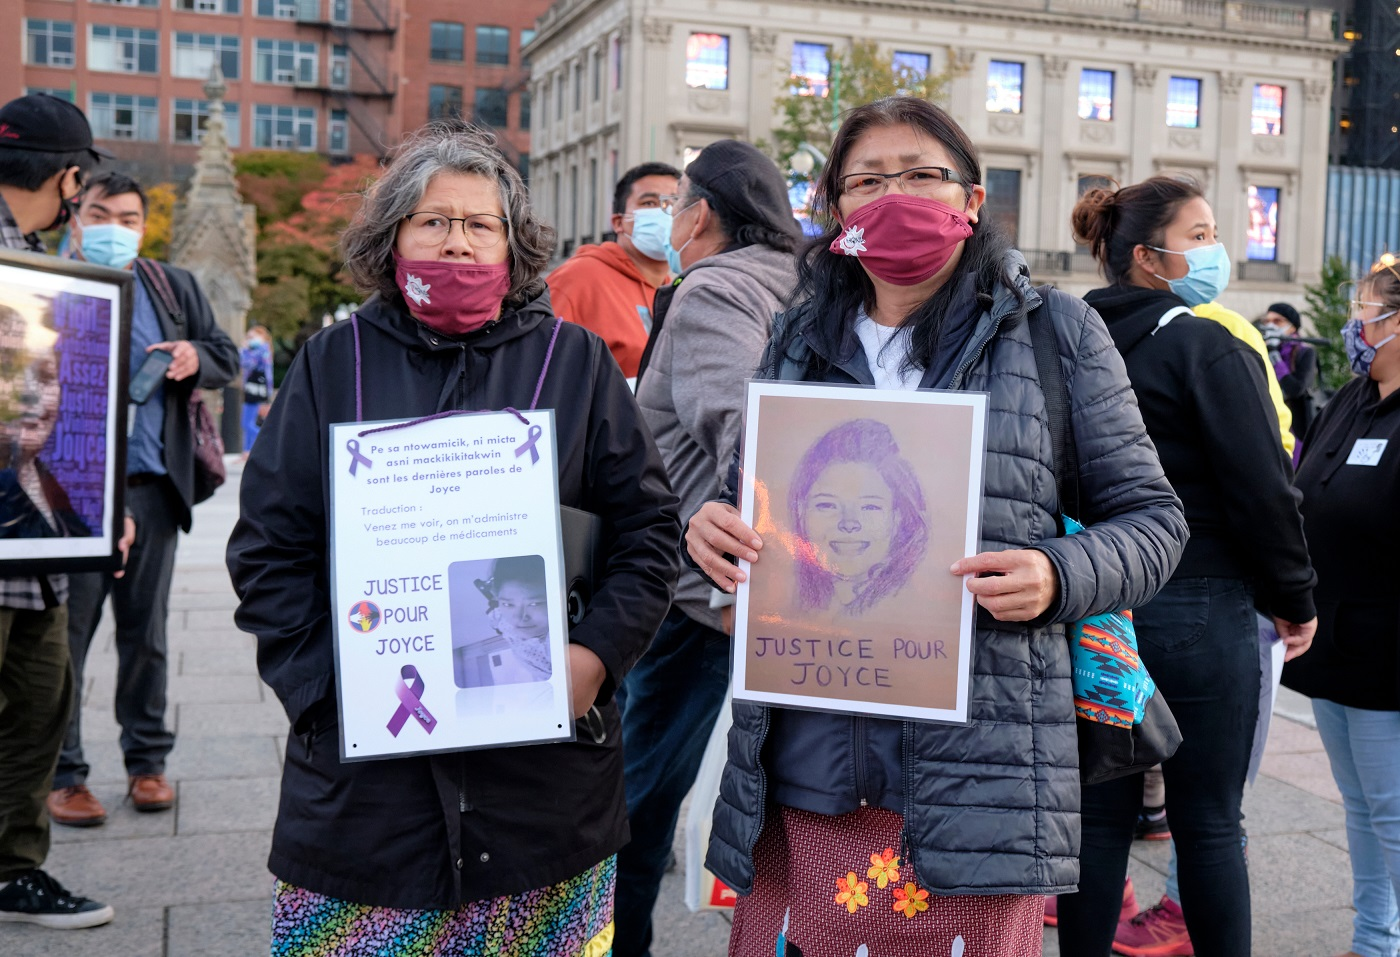 La FTQ dénonce les violences et les discriminations vécues par les peuples autochtones